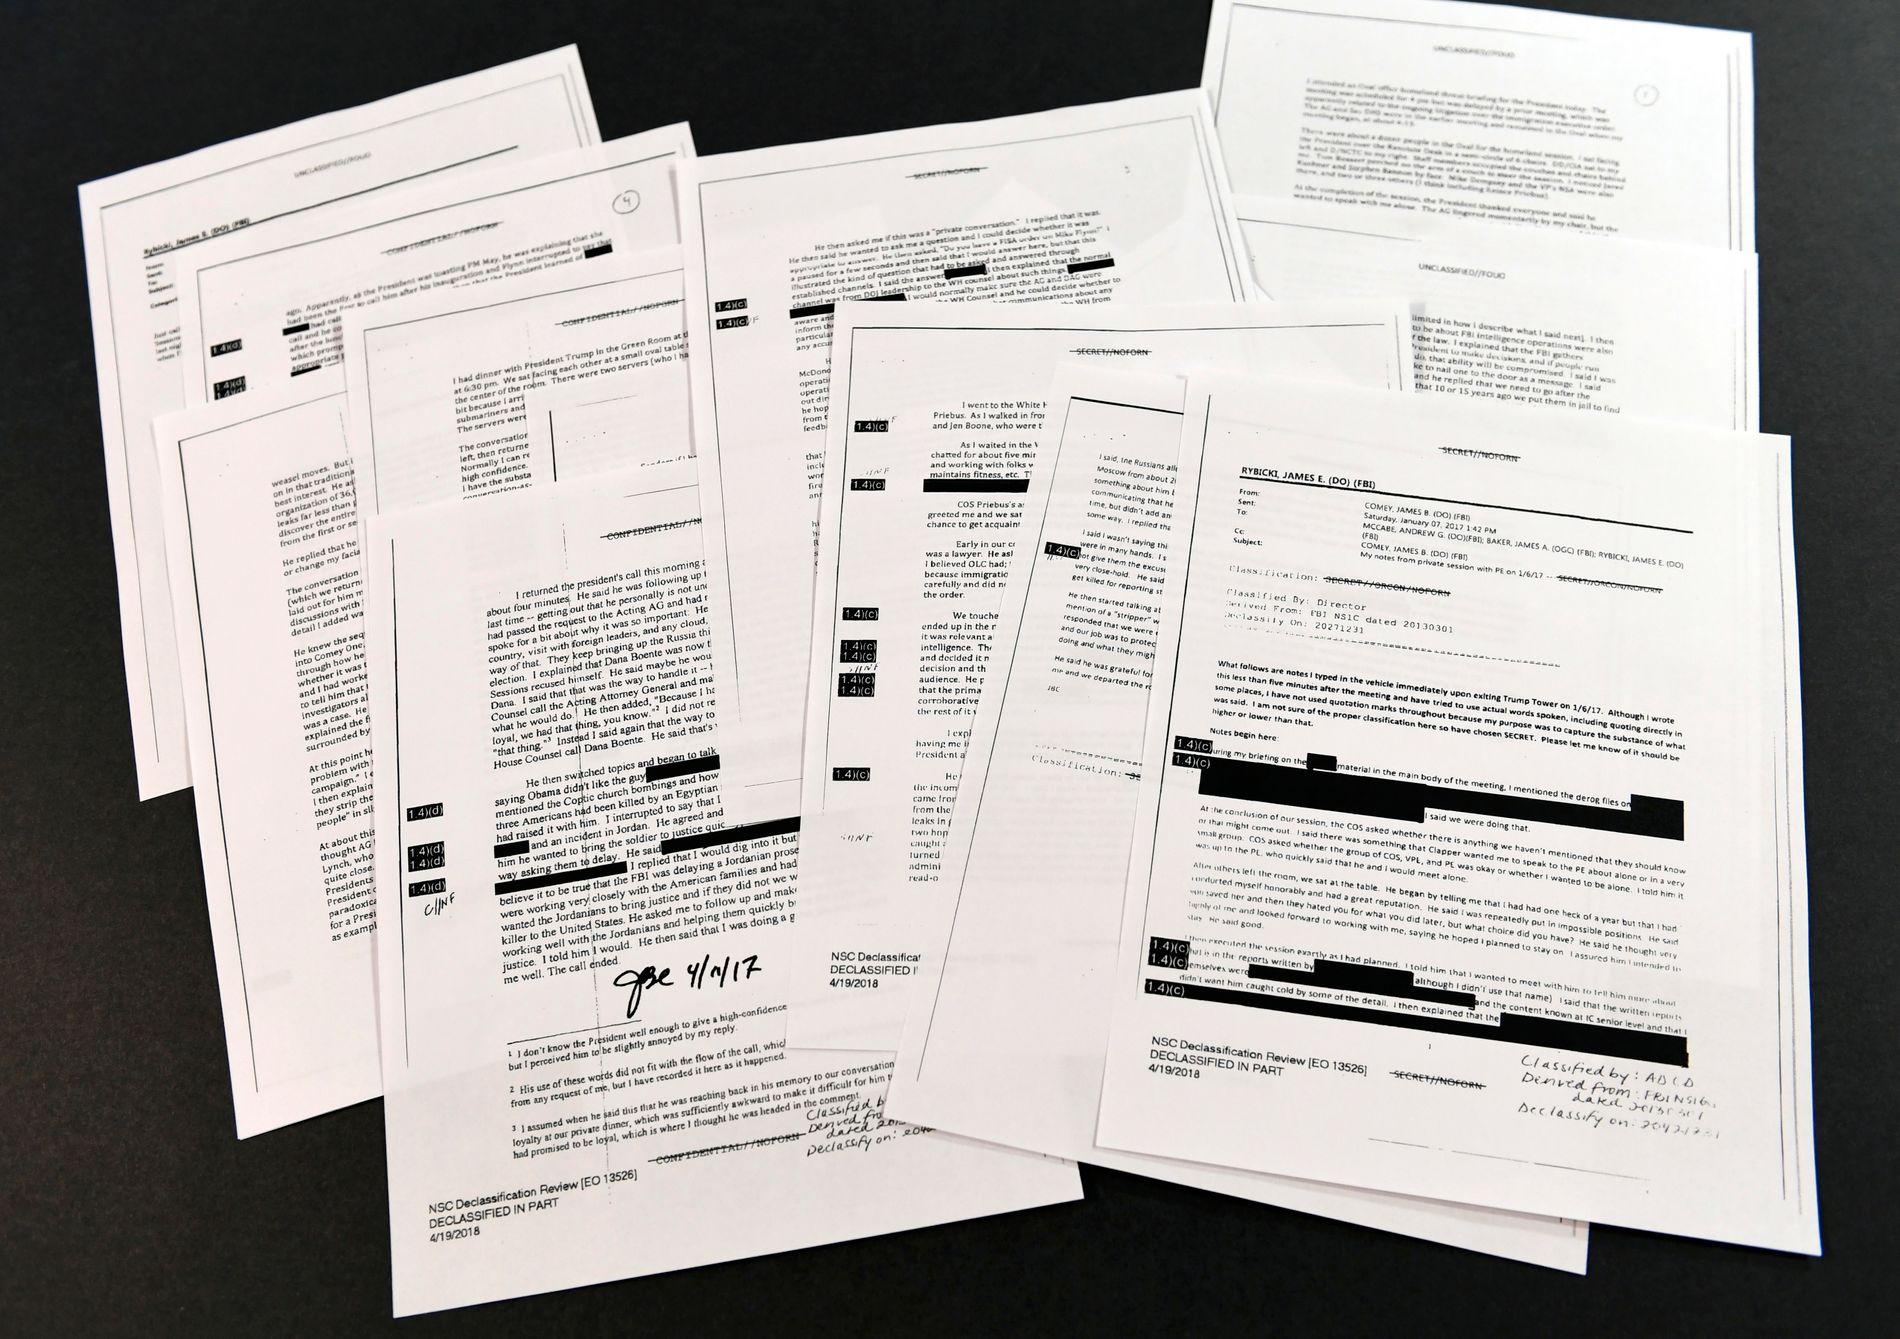 FBI-DIREKTØRENS NOTATER: Notatene fra samtalene med president Donald Trump er nå offentliggjort, og viser stor fortrolighet – før Comey ble sparket.